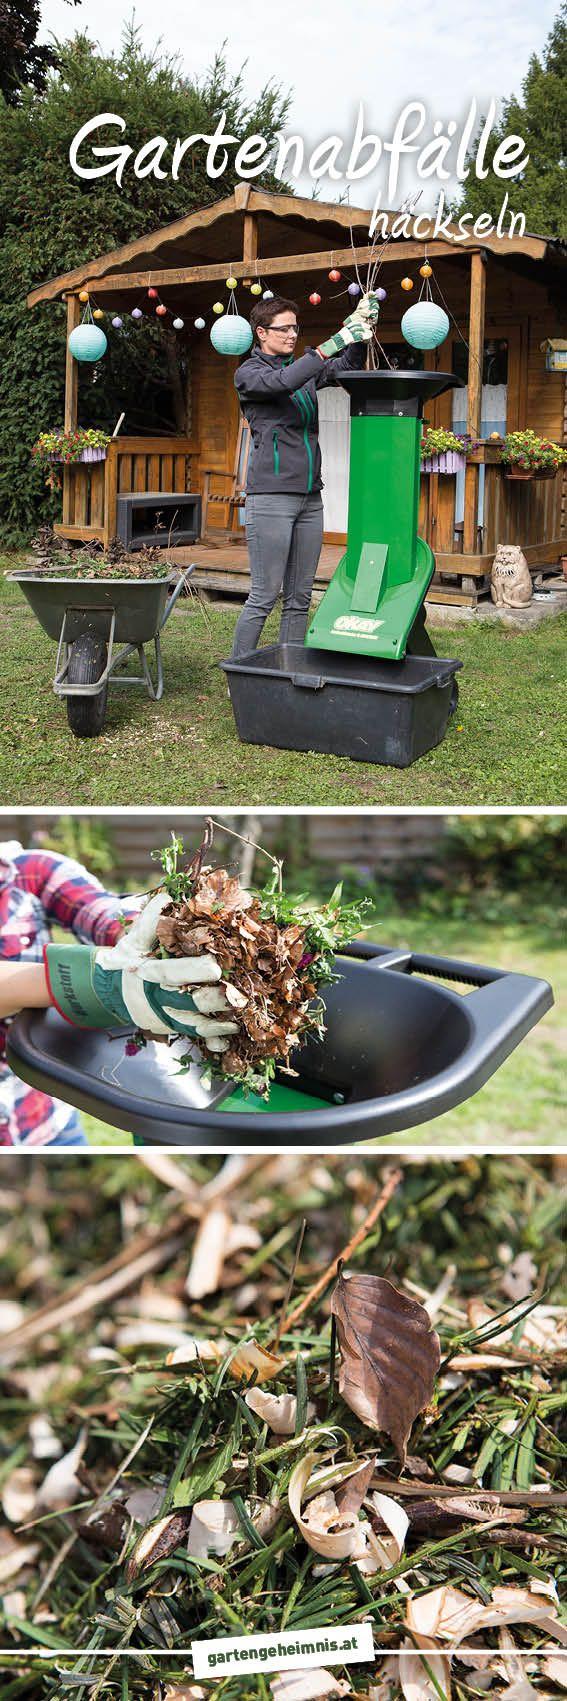 Gartenabfalle Hackseln Verwerten Egal Ob Du Einen Kleinen Oder Grossen Garten Hast Wo Baume Und Straucher Wachsen Fallen Auch Gartenabfall Garten Abfall